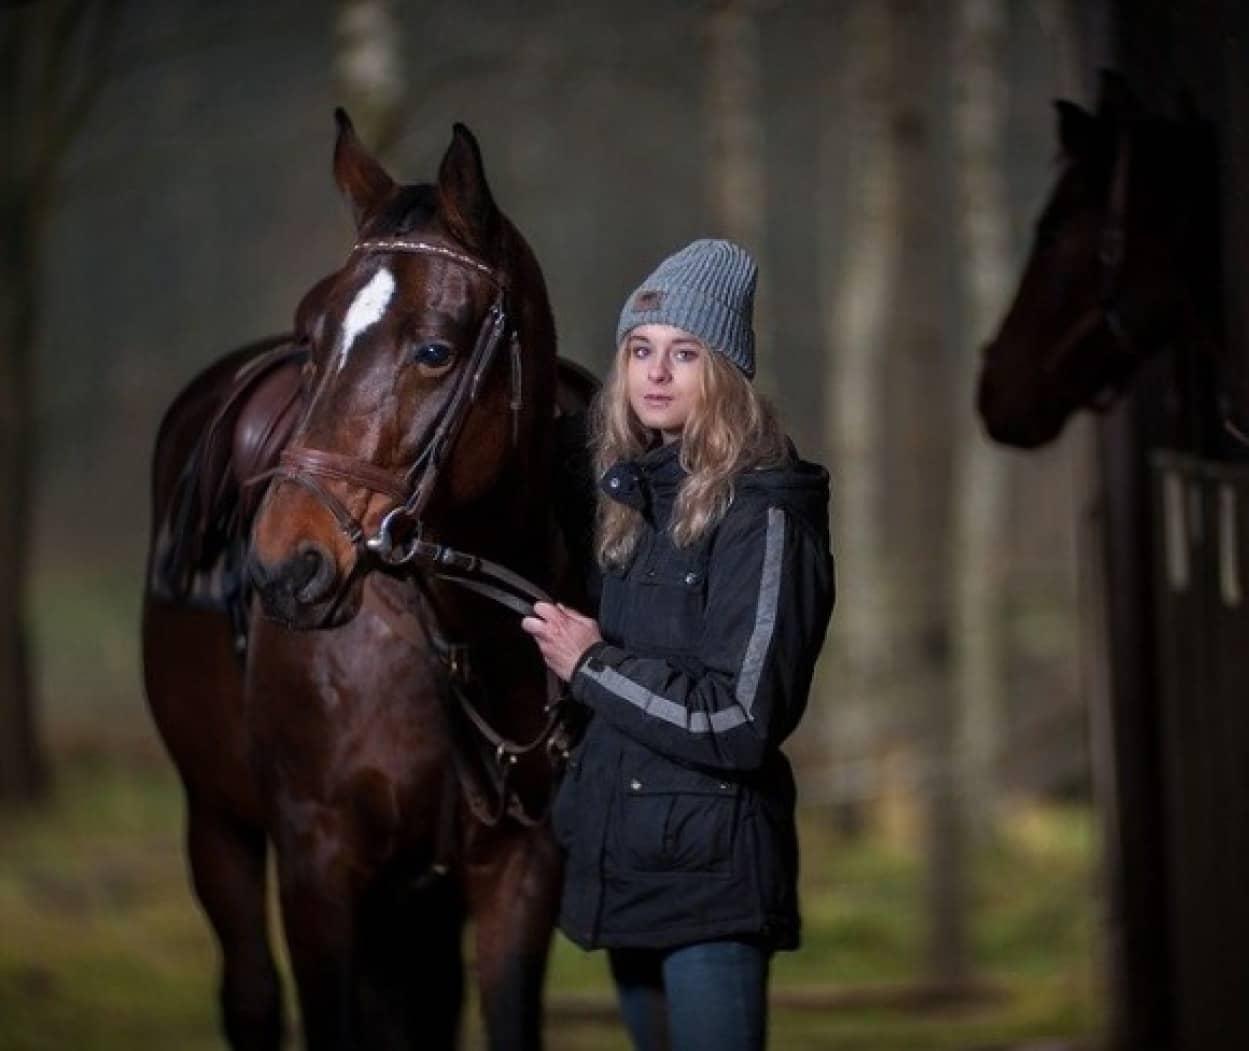 馬は信頼している人間の顔を覚える